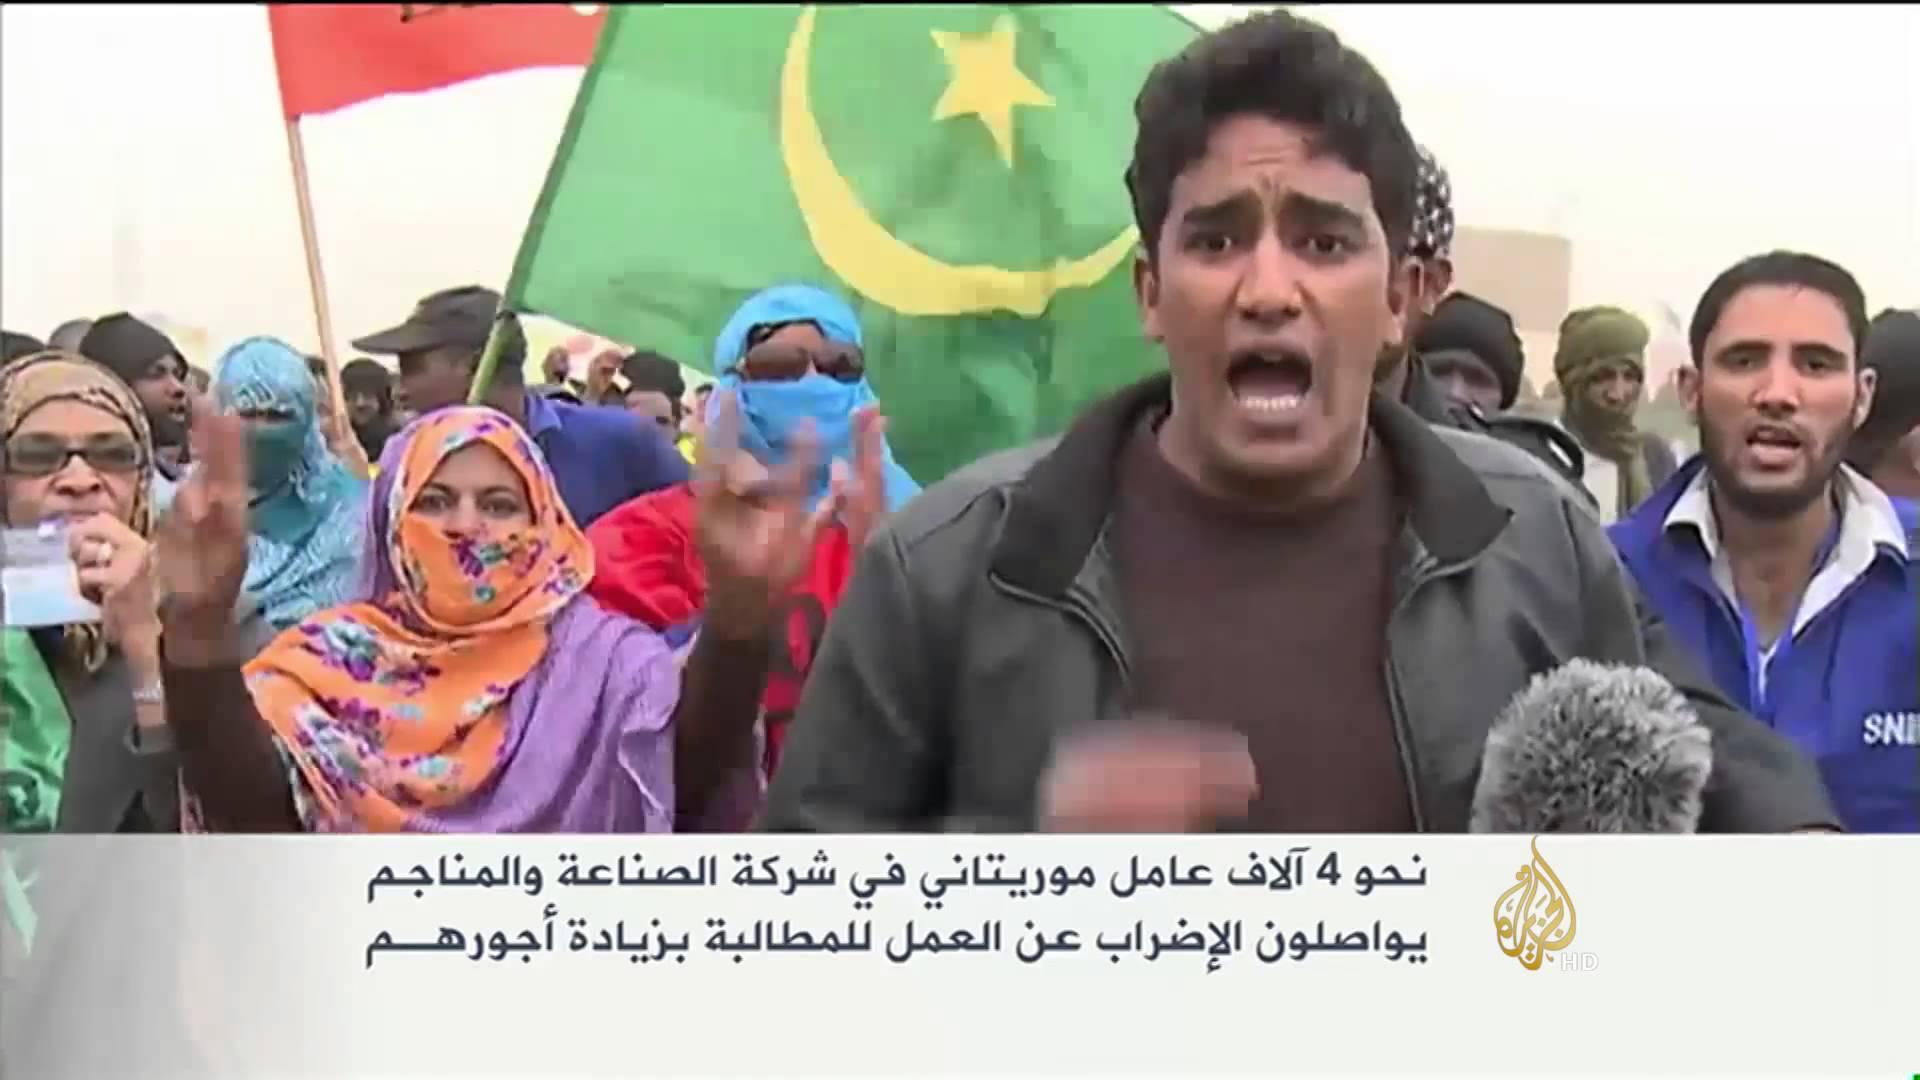 إضراب عمال المناجم في موريتانيا